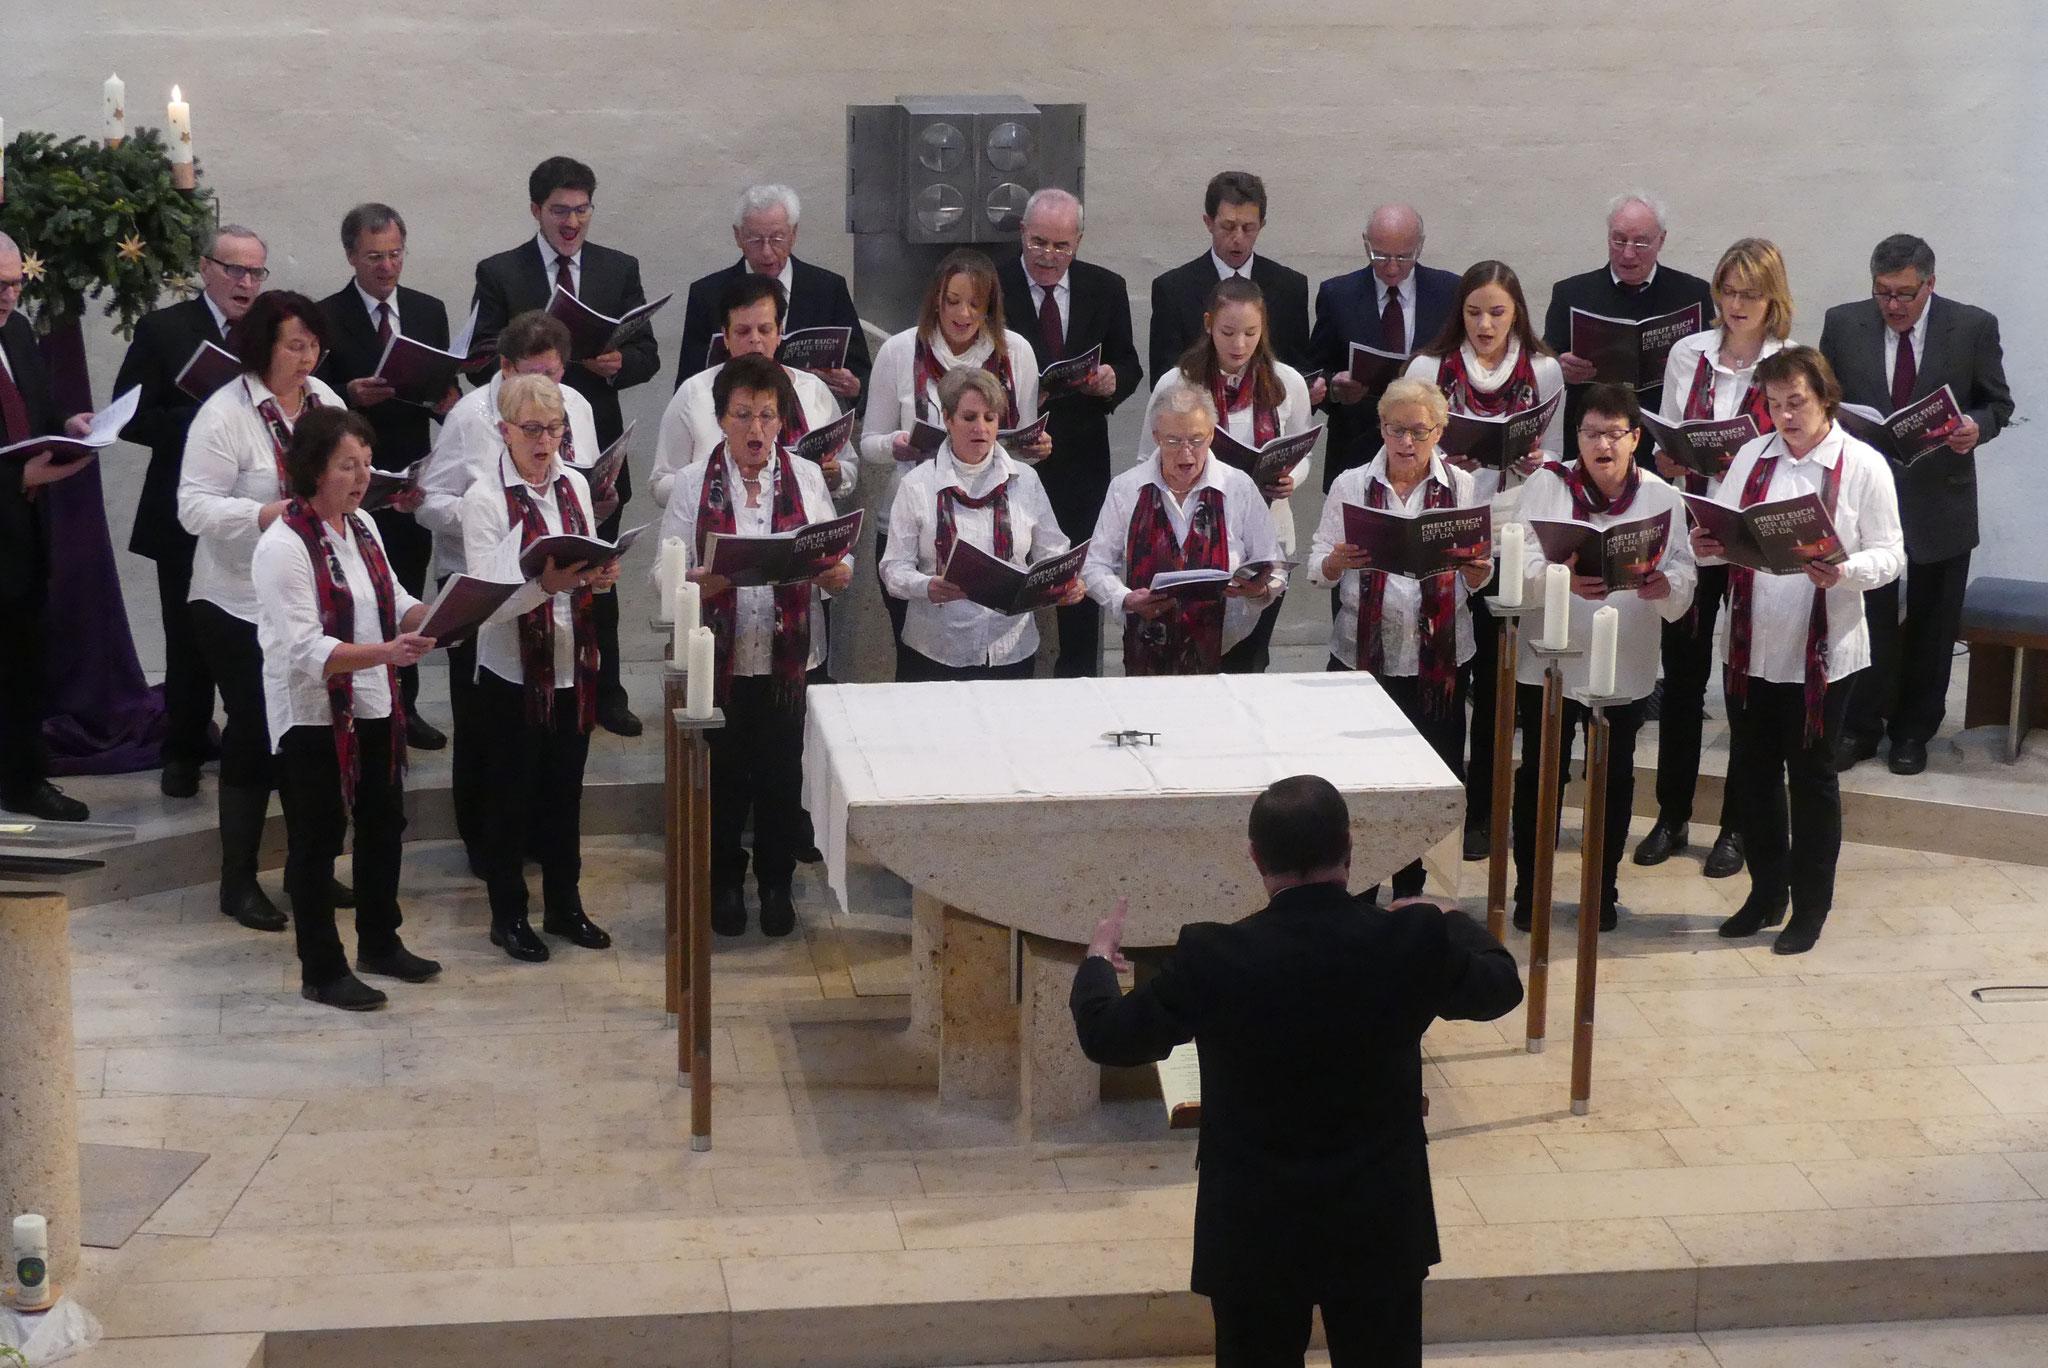 Alljährlich gestaltet der Ellgauer Kirchenchor unter Leitung von Konrad und Elke Eser den zweiten Teil der adventlichen Stunde in der Pfarrkirche St. Ulrich